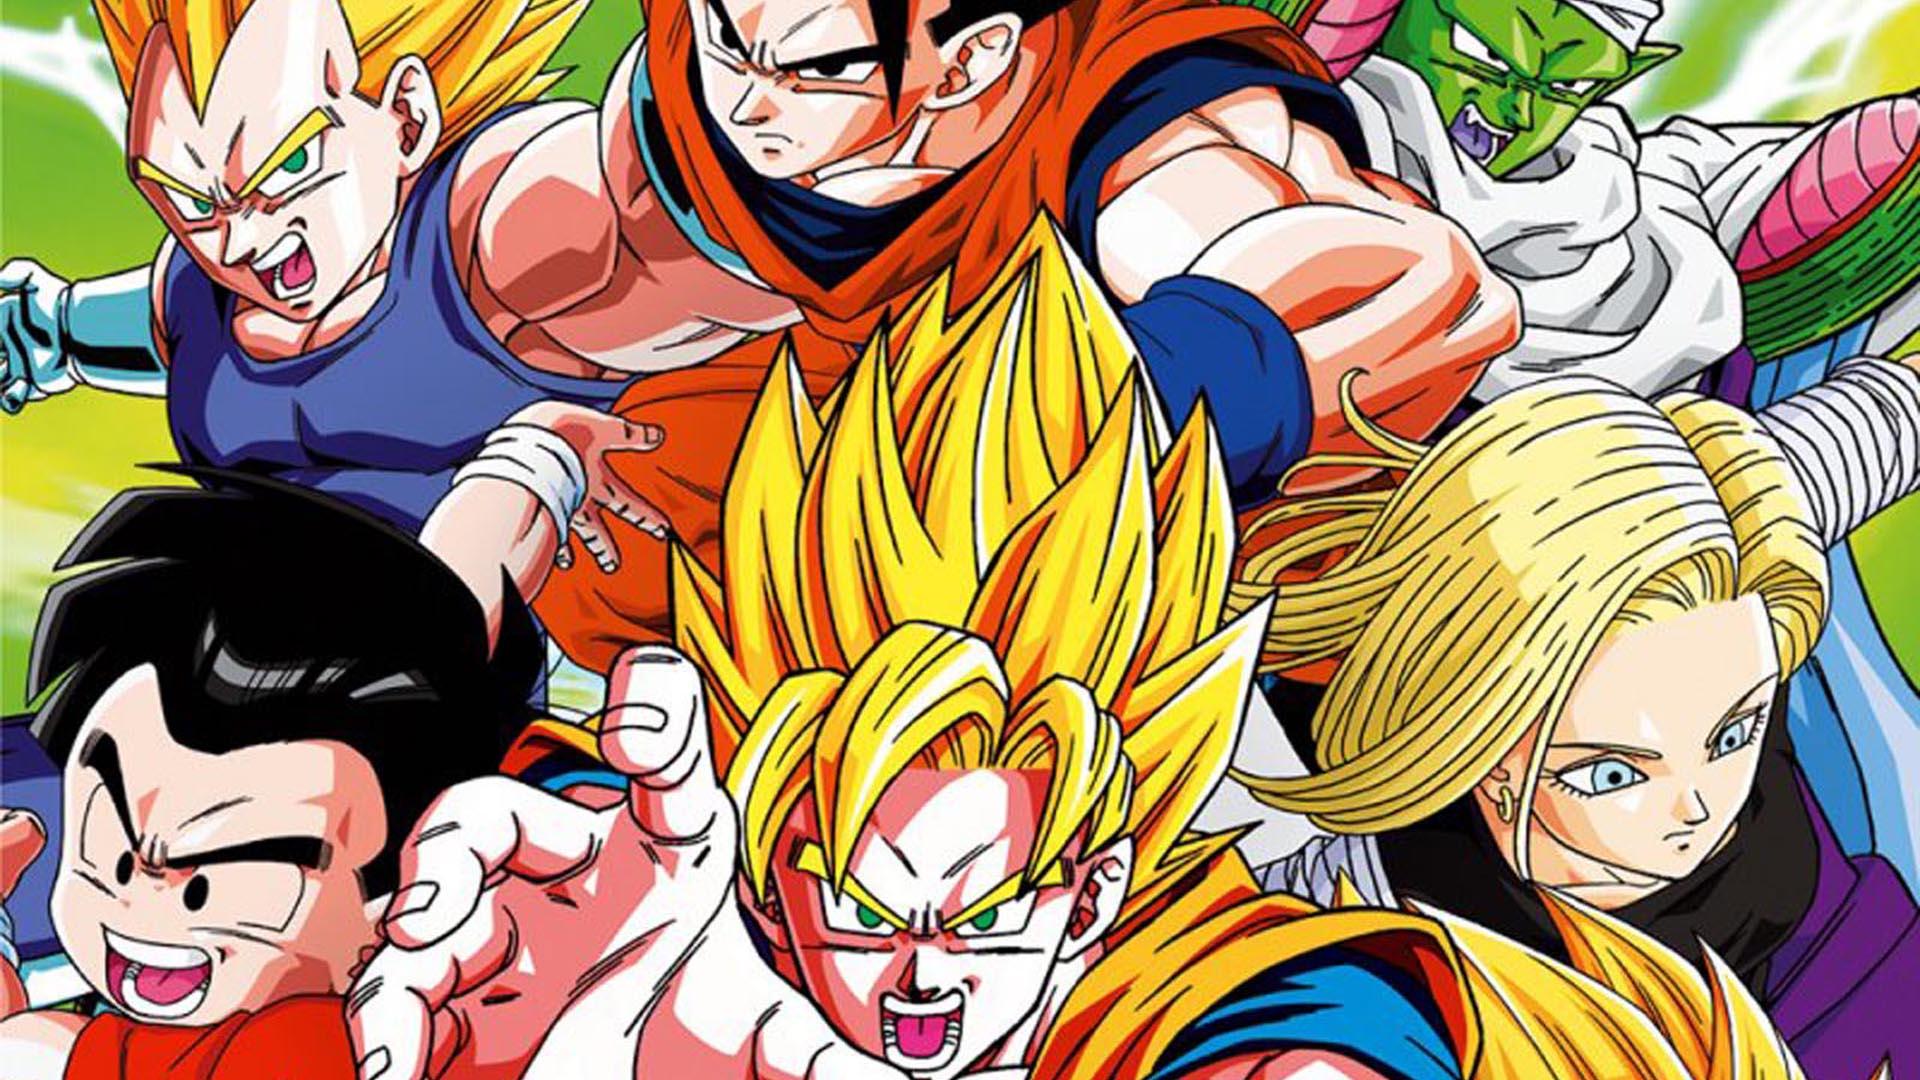 Dragon Ball Z wallpaper 24